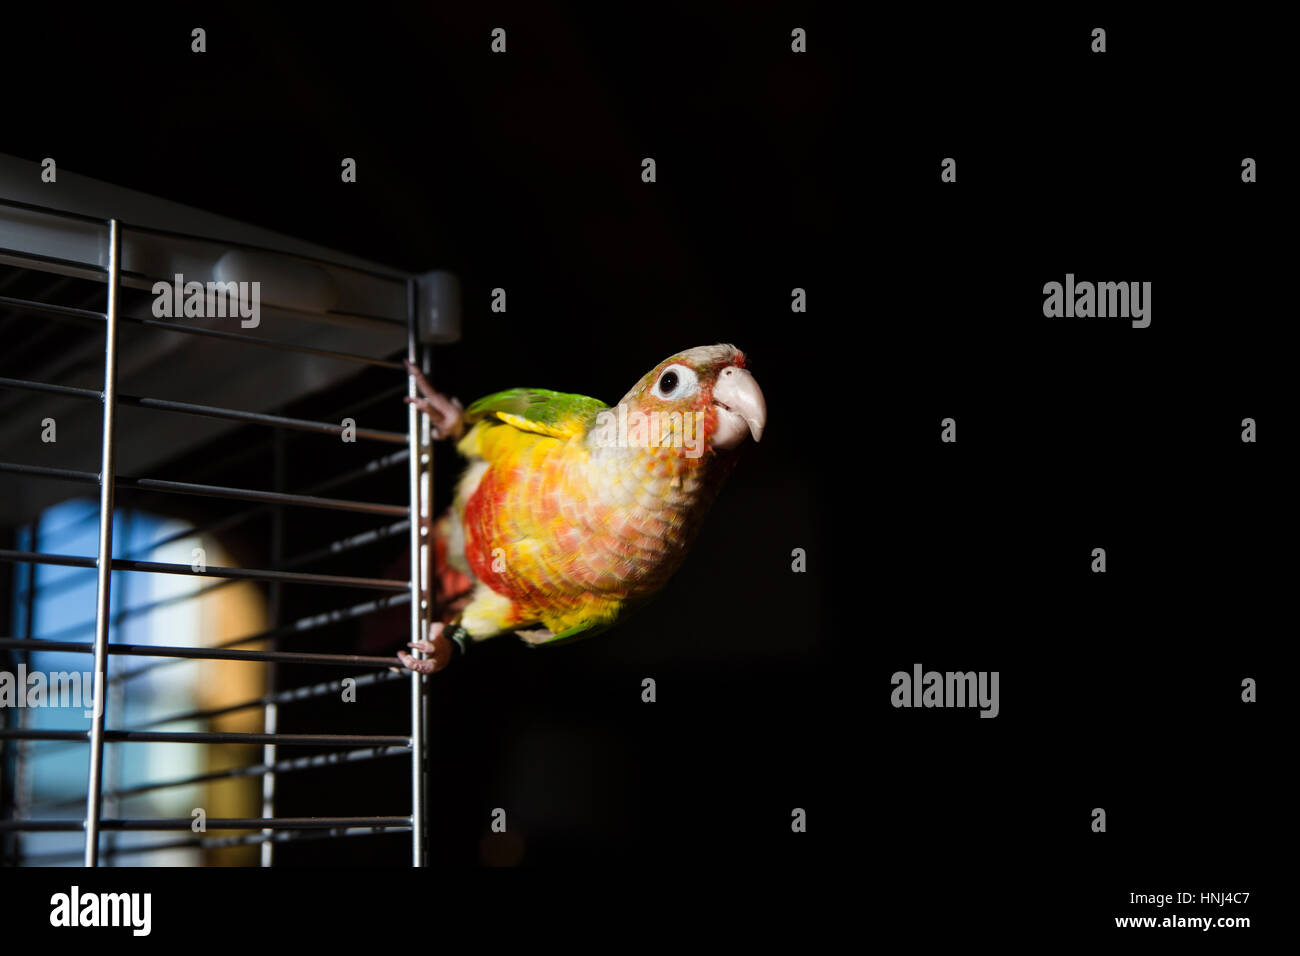 Parakeet Cage Stock Photos & Parakeet Cage Stock Images - Alamy